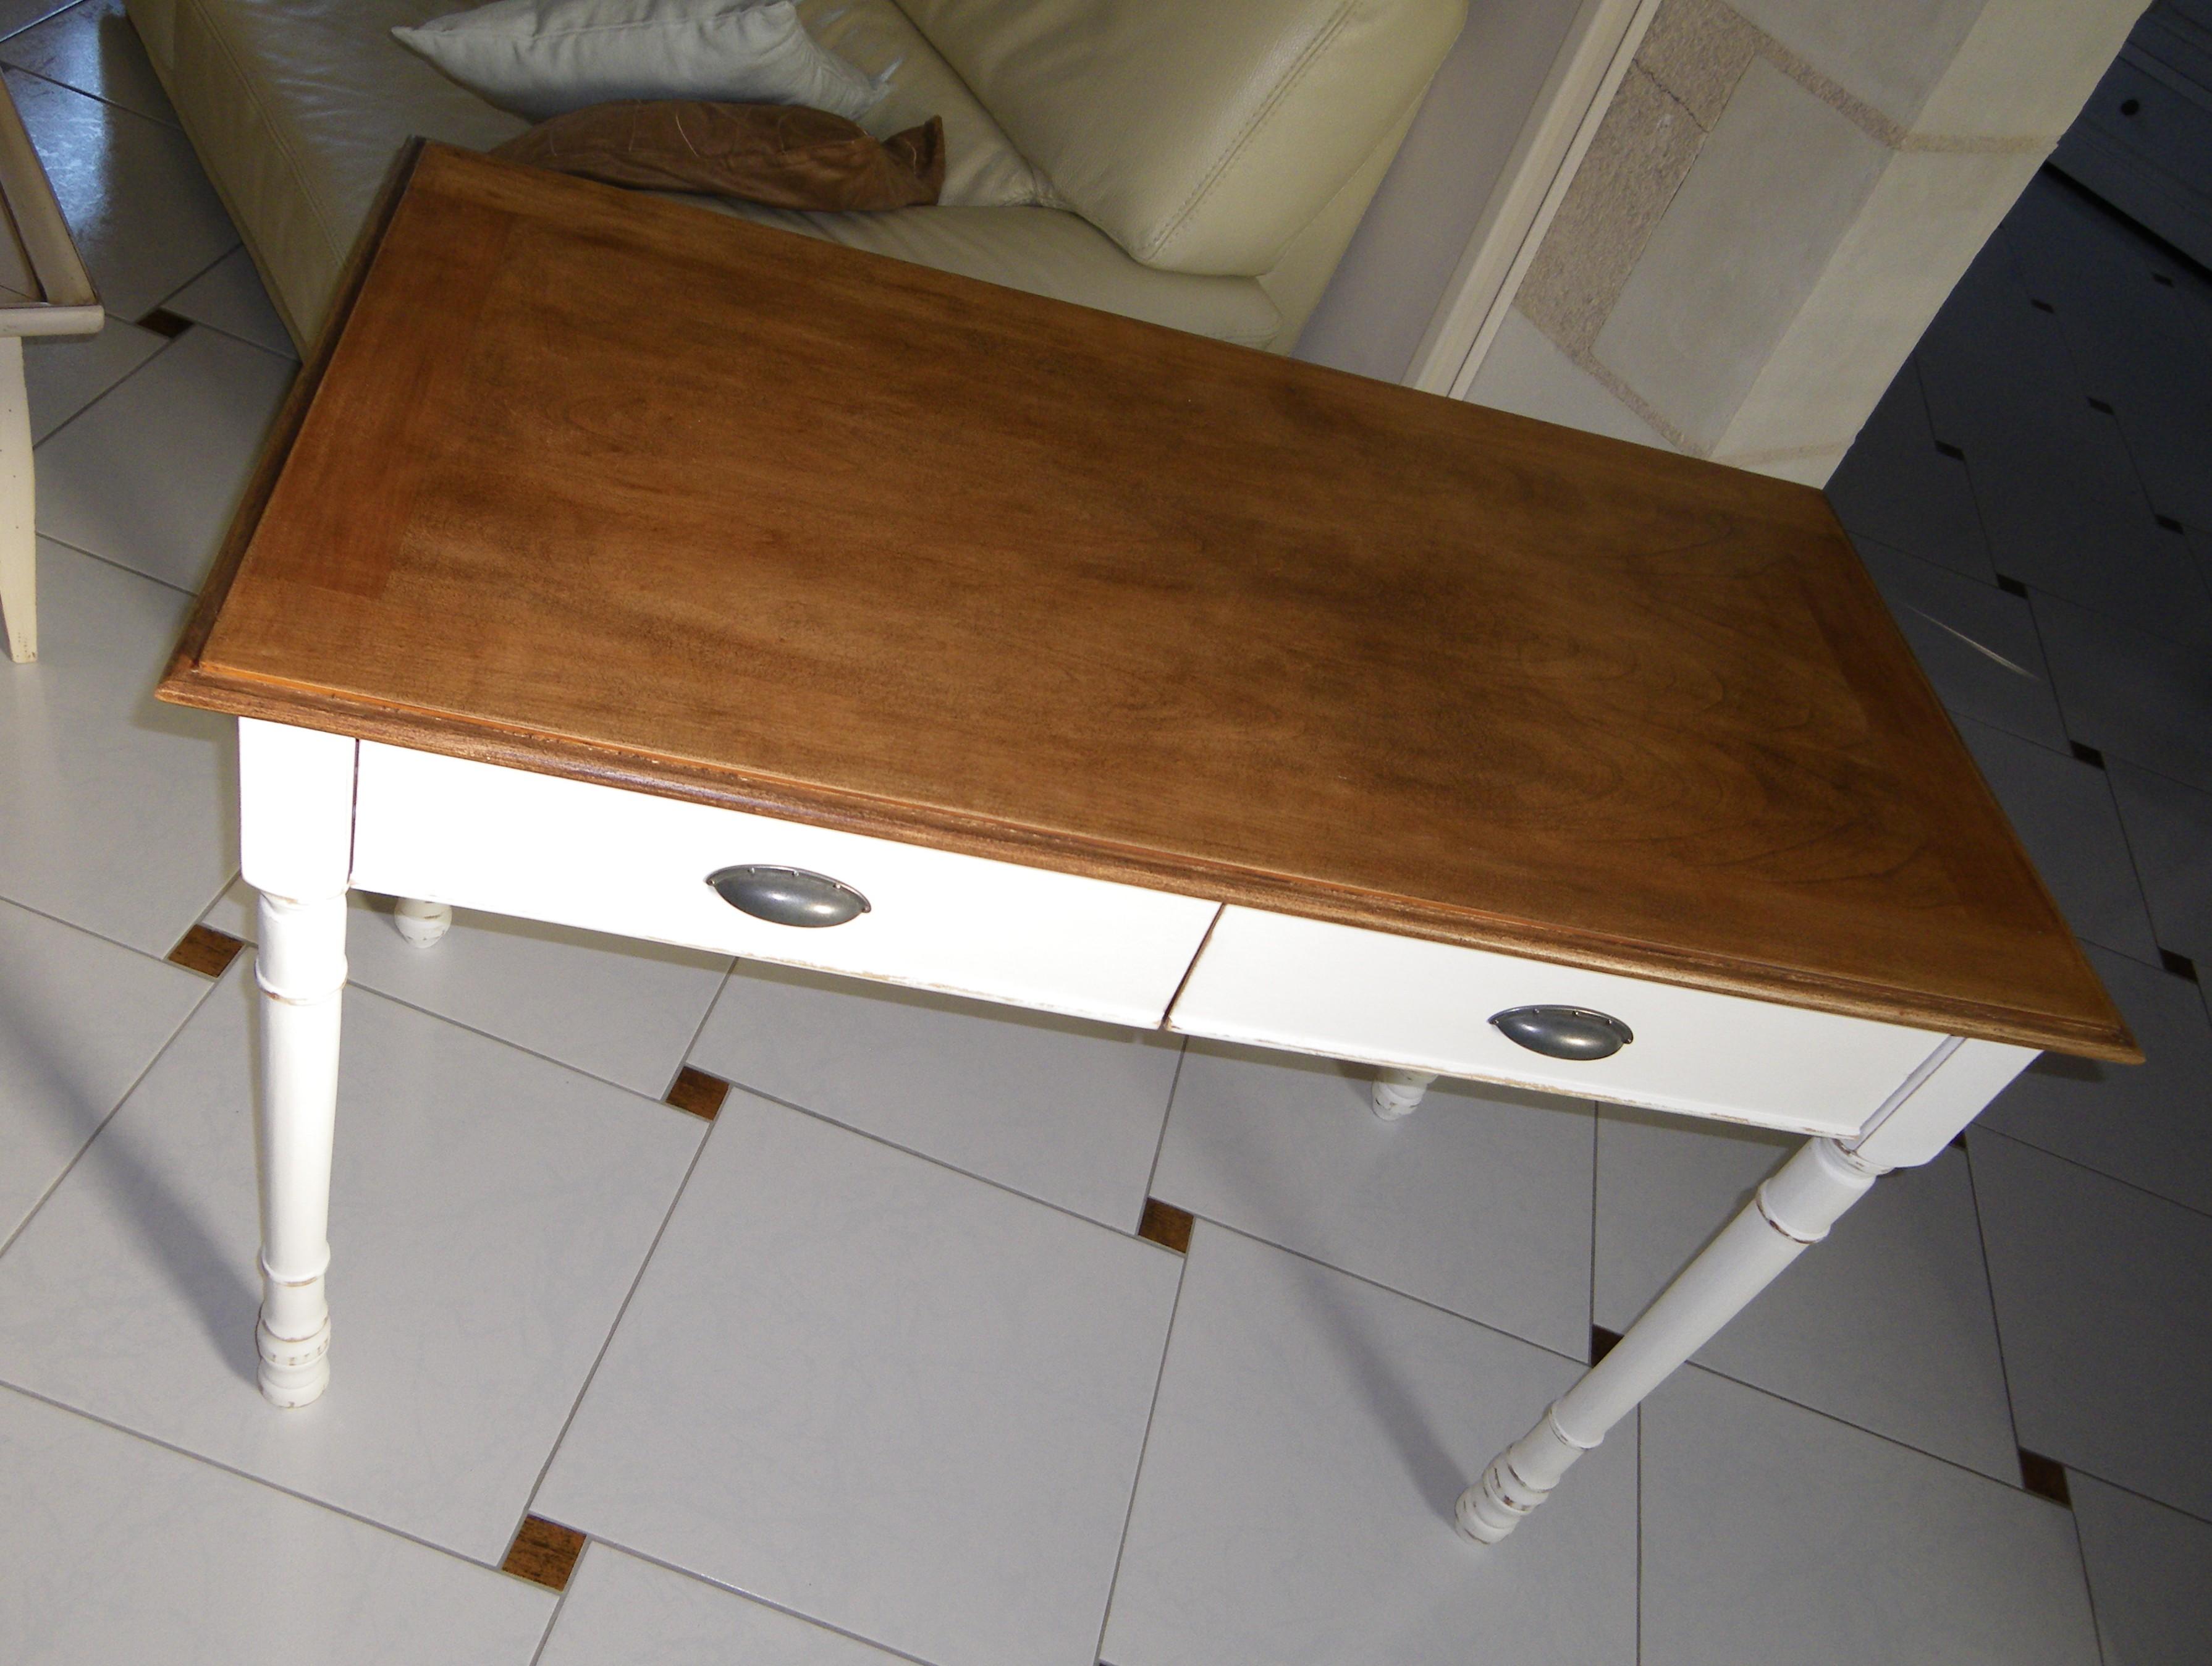 Bureau blanc patiné table console bois et metal tiroirs bureau